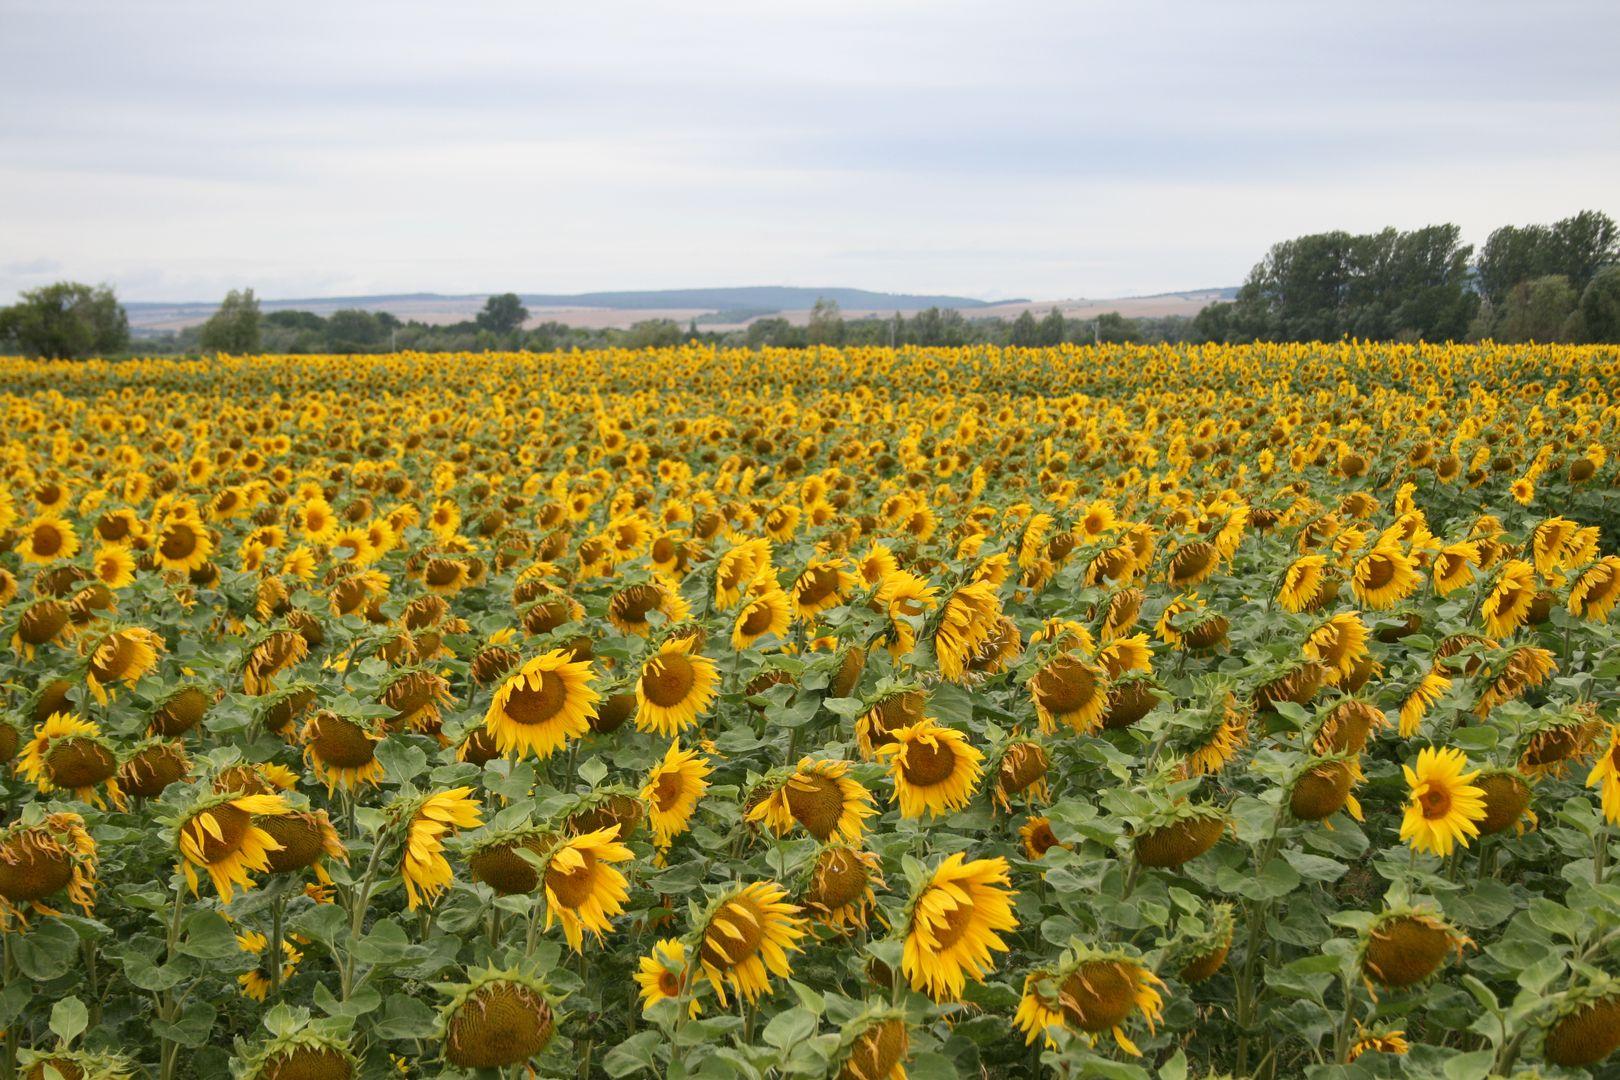 Sonneblumen während der Blüte